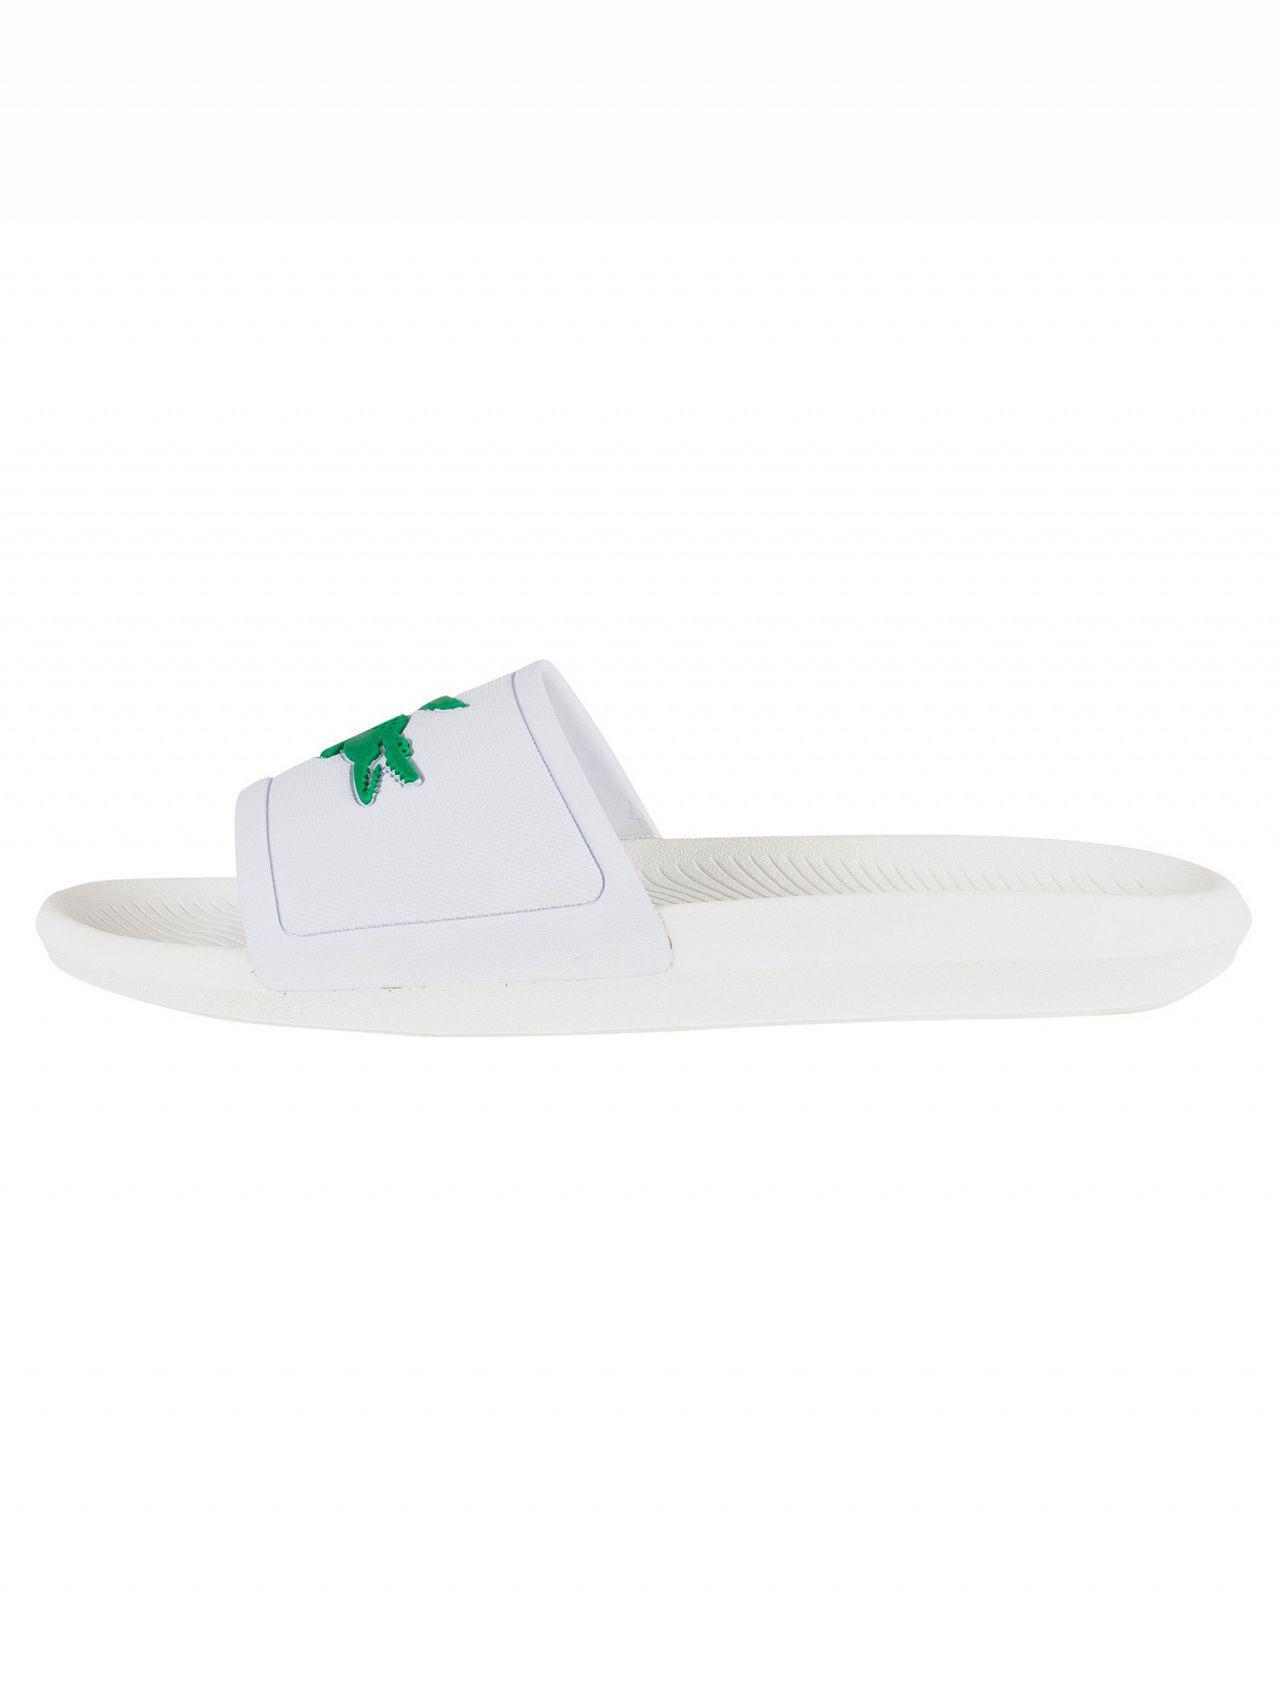 29845431b Lyst - Lacoste Fraisier Sliders White in White for Men - Save 26%